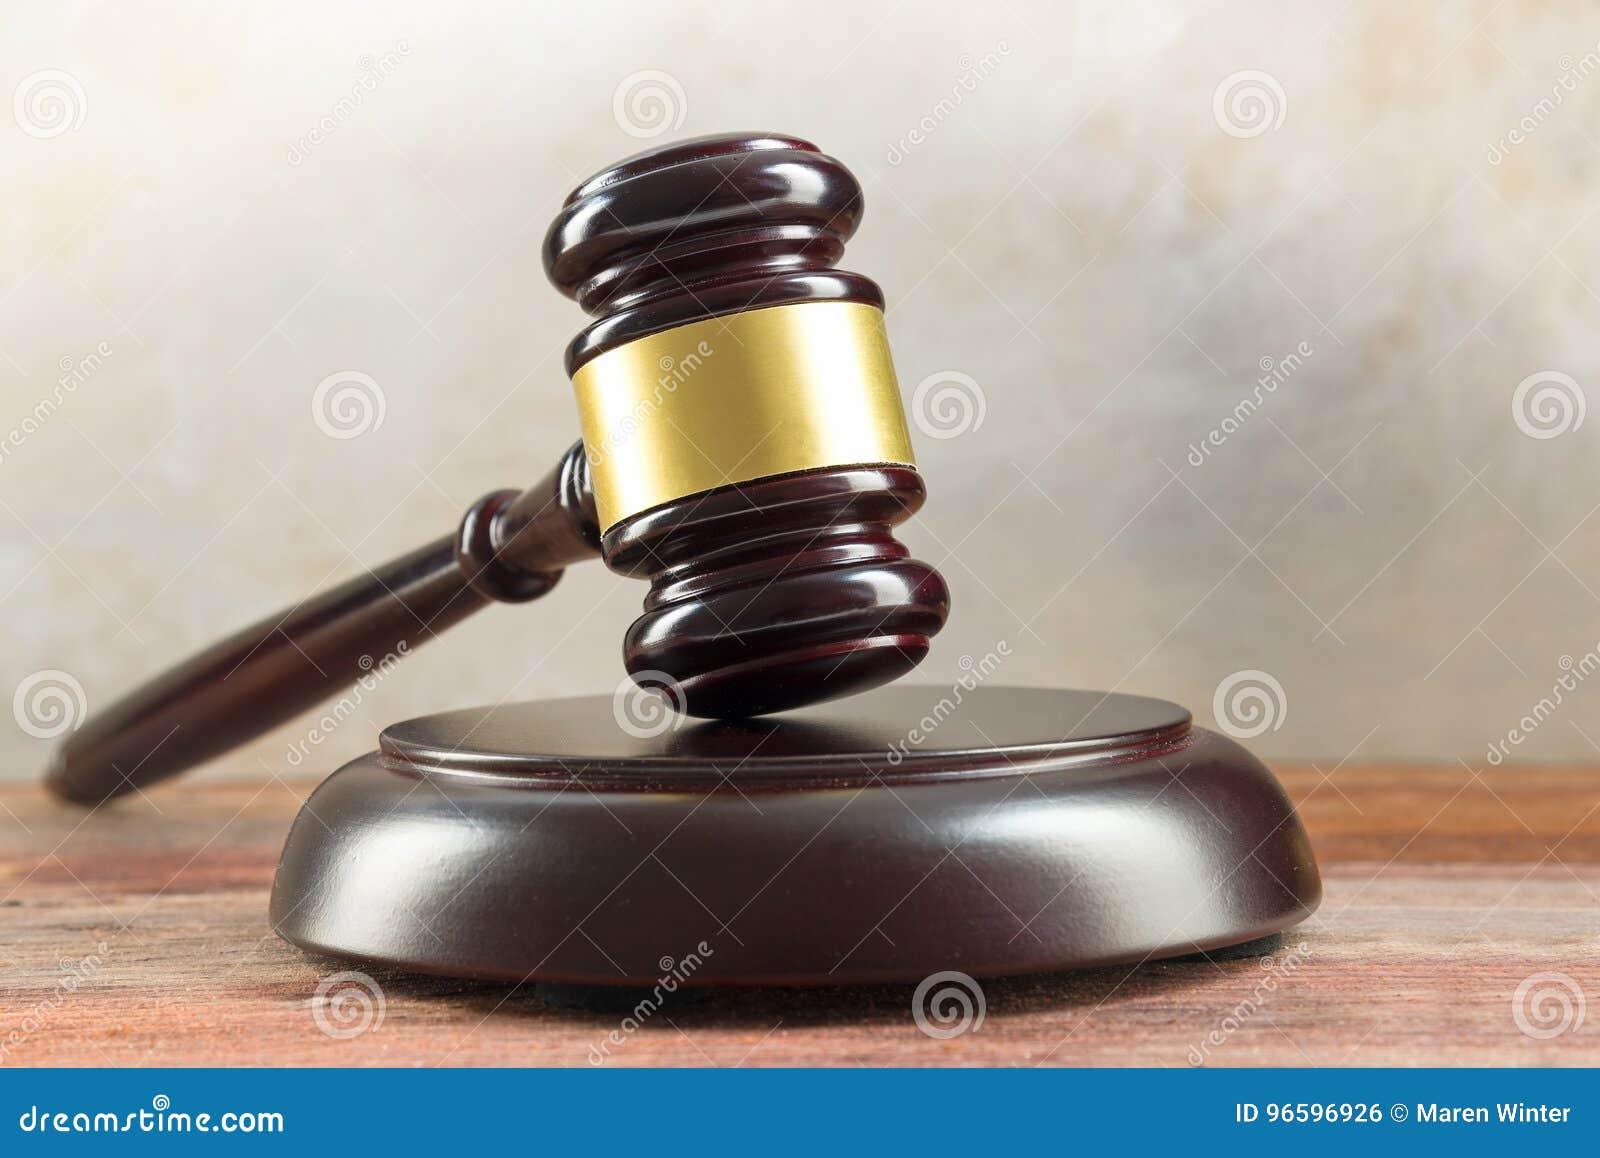 Het de rechtershamer en geluid schepen op een houten bureau, rechtvaardigheidssymbool in en